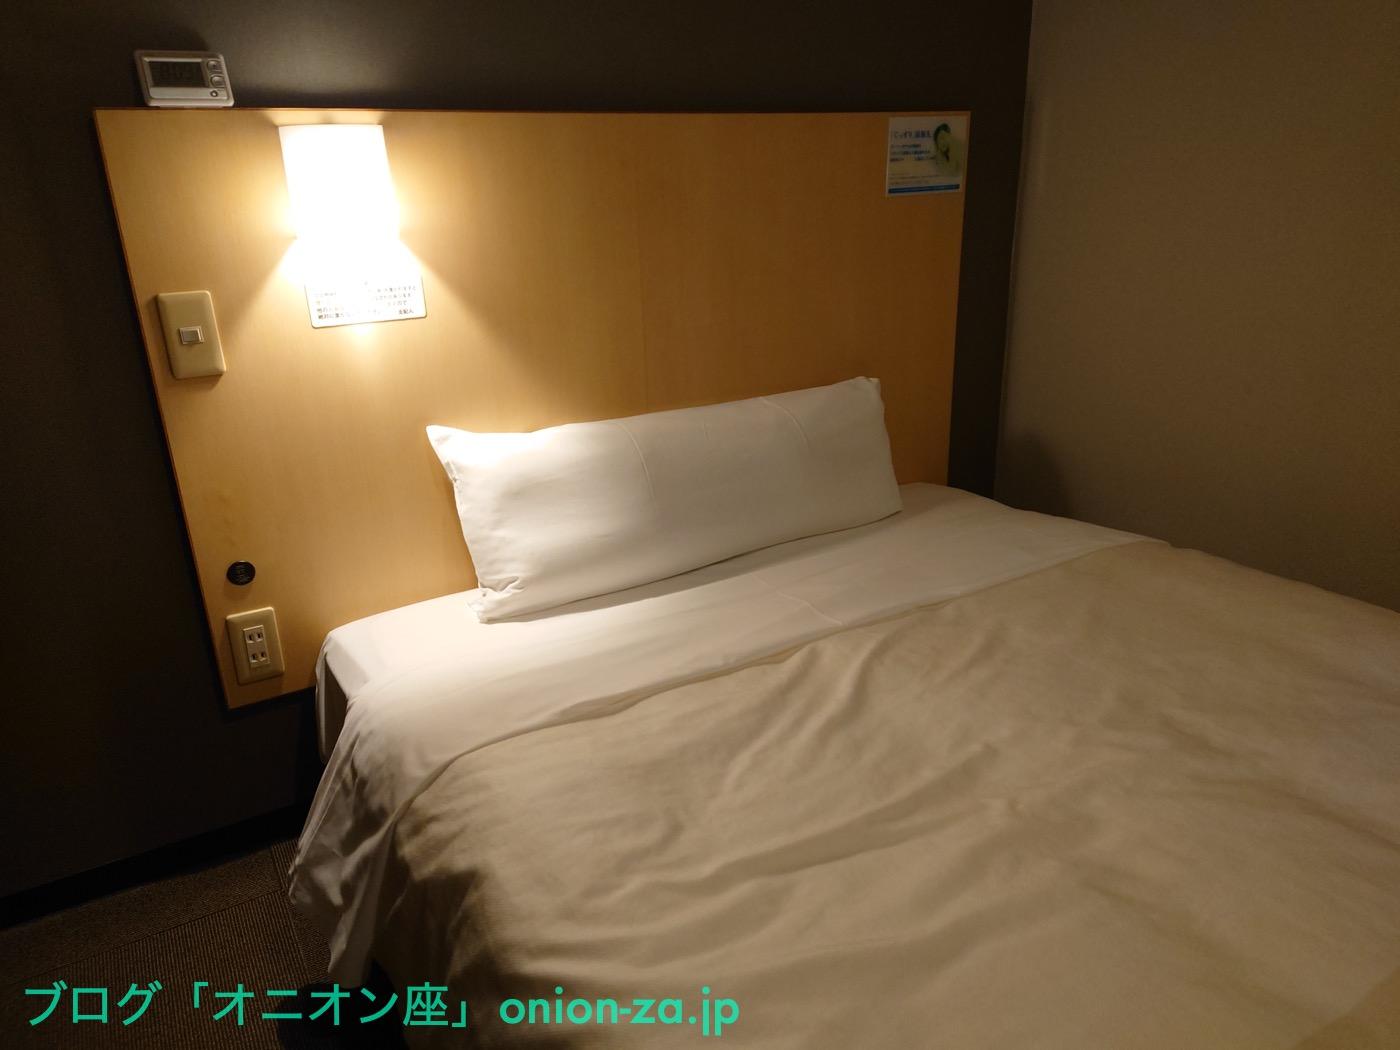 某県のスーパーホテルのベッド。高級なシモンズ社製で、寝心地がすこぶるいい。